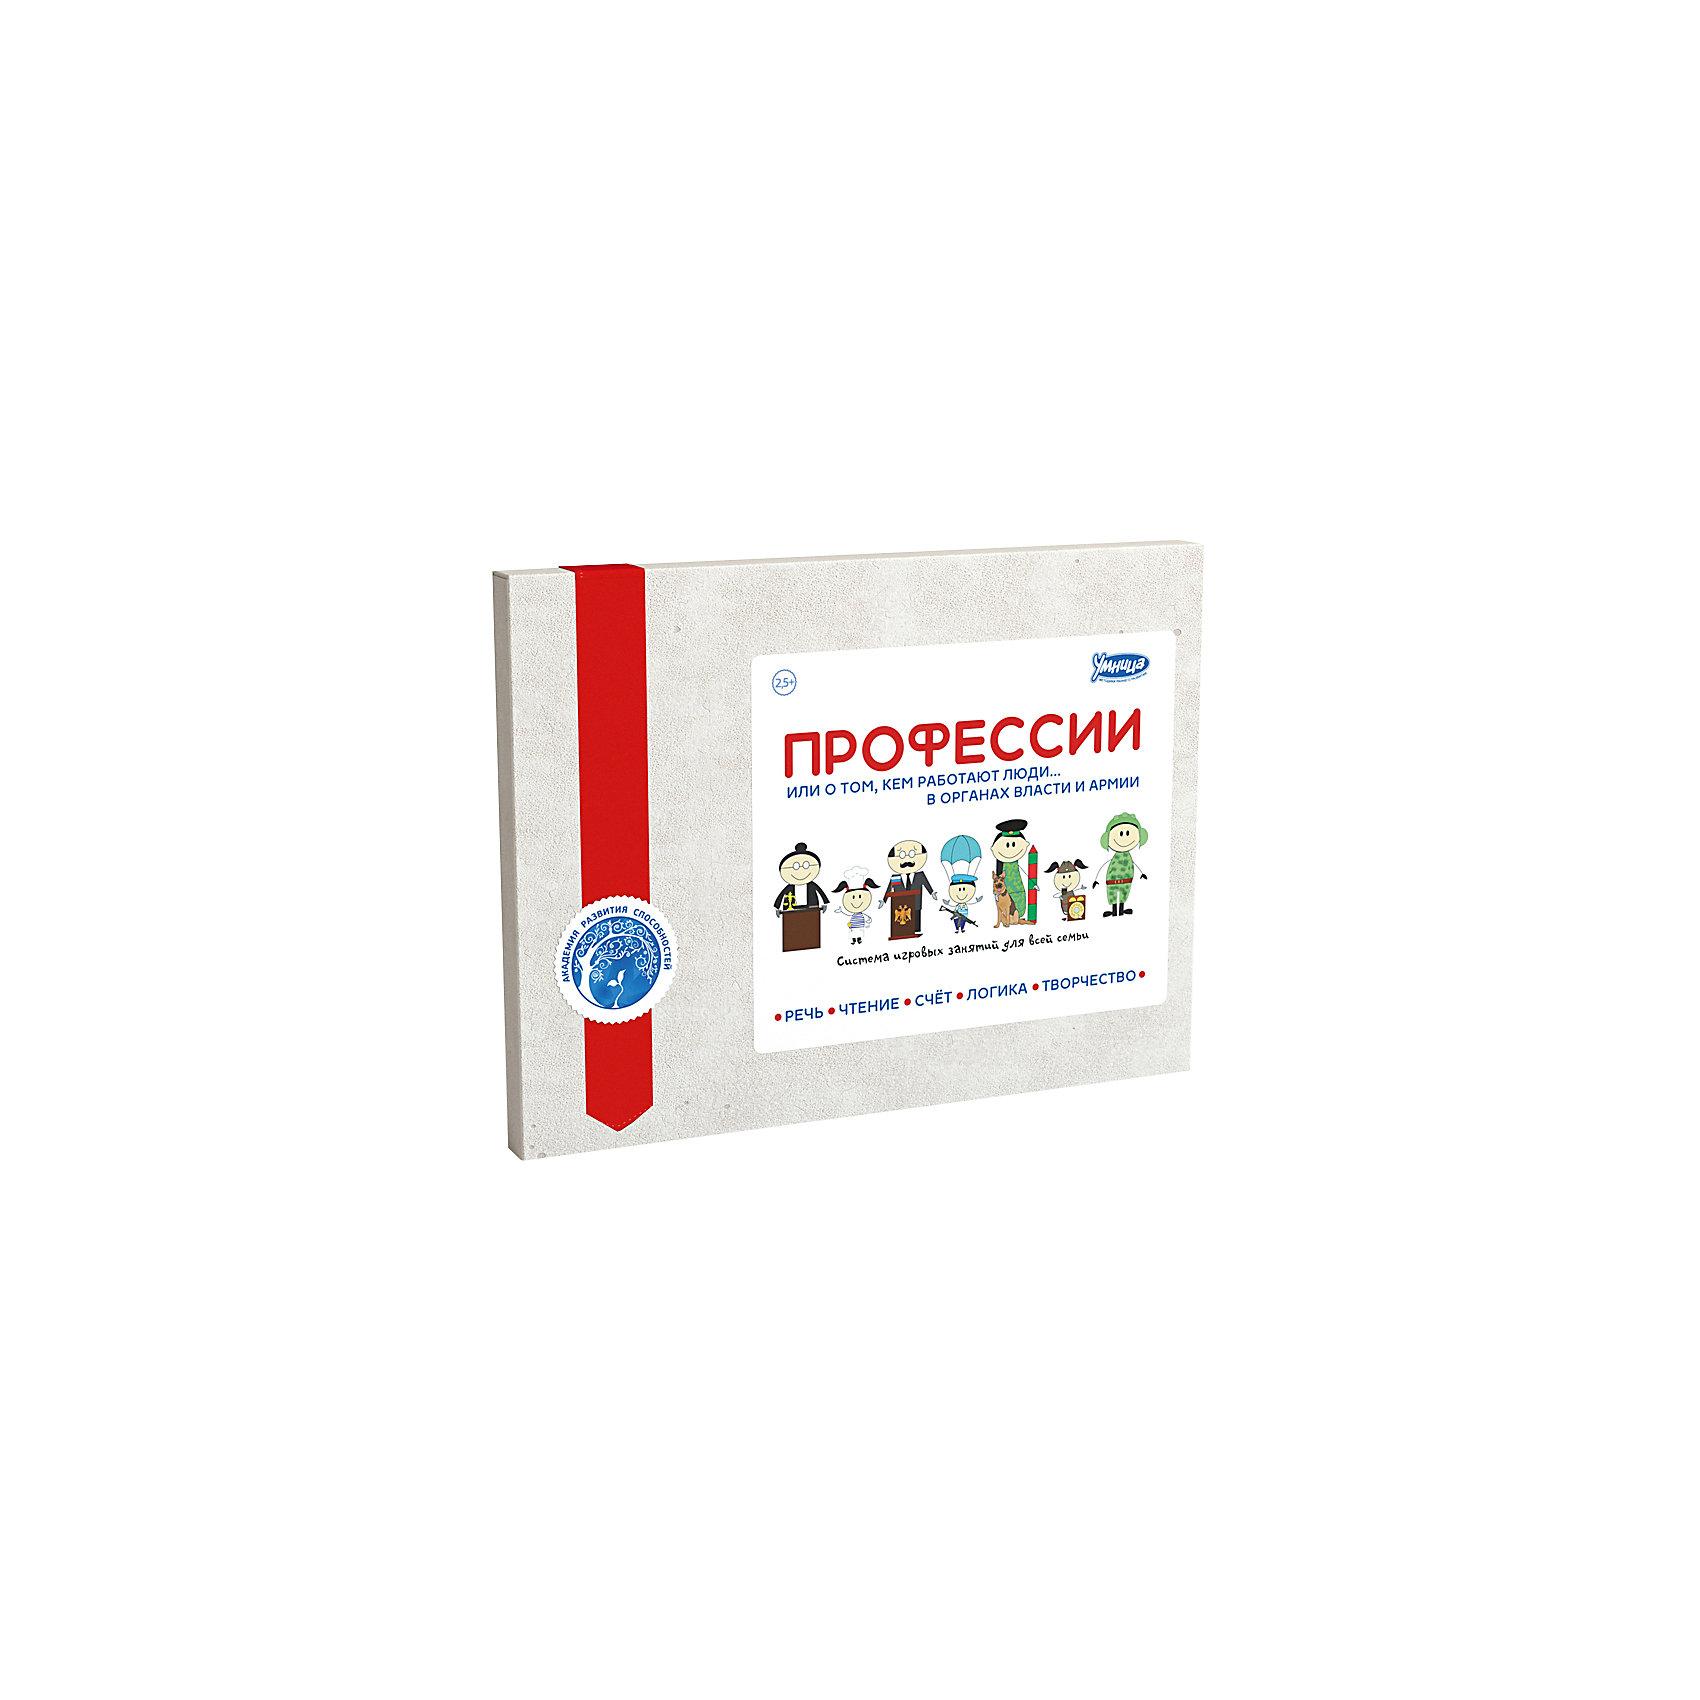 Настольная игра Профессии: ПромышленностьУмница<br>Характеристики:<br><br>• Вид игр: обучающие, развивающие<br>• Серия: Развивающие книги<br>• Материал: картон, бумага<br>• Комплектация: 3 книги о профессиях, набор карточек с буквами и цифрами, комплект игровых фишек<br>• Тип упаковки: картонная коробка<br>• Размеры упаковки (Д*Ш*В): 30,5*23,5*28 см<br>• Вес в упаковке: 1 кг 240 г<br><br>Книга Профессии: Промышленность состоит из 3 книжек, в которых приведено описание рода занятий людей, занятых в промышленности: строитель, пекарь, инженер, кондитер, маляр и многие другие. Каждая профессия сопровождается иллюстративным материалом и текстами. Текстовая часть приведена в сжатой форме и адаптирована для детей дошкольного возраста. Дополнительно в комплекте предусмотрены рекомендации для родителей. <br><br>Книга Профессии: Промышленность выполнена по типу комплексной методики: она содержит в себе не только обучающий материал (порядка 100 занятий), но и задания для закрепления пройденного материала. Занятия с данной книгой позволят расширить словарный запас слов, обогатить кругозор вашего ребенка и повысить уровень его эрудиции.<br><br>Книгу Профессии: Промышленность можно купить в нашем интернет-магазине.<br><br>Ширина мм: 305<br>Глубина мм: 235<br>Высота мм: 280<br>Вес г: 1240<br>Возраст от месяцев: 36<br>Возраст до месяцев: 2147483647<br>Пол: Унисекс<br>Возраст: Детский<br>SKU: 5523179